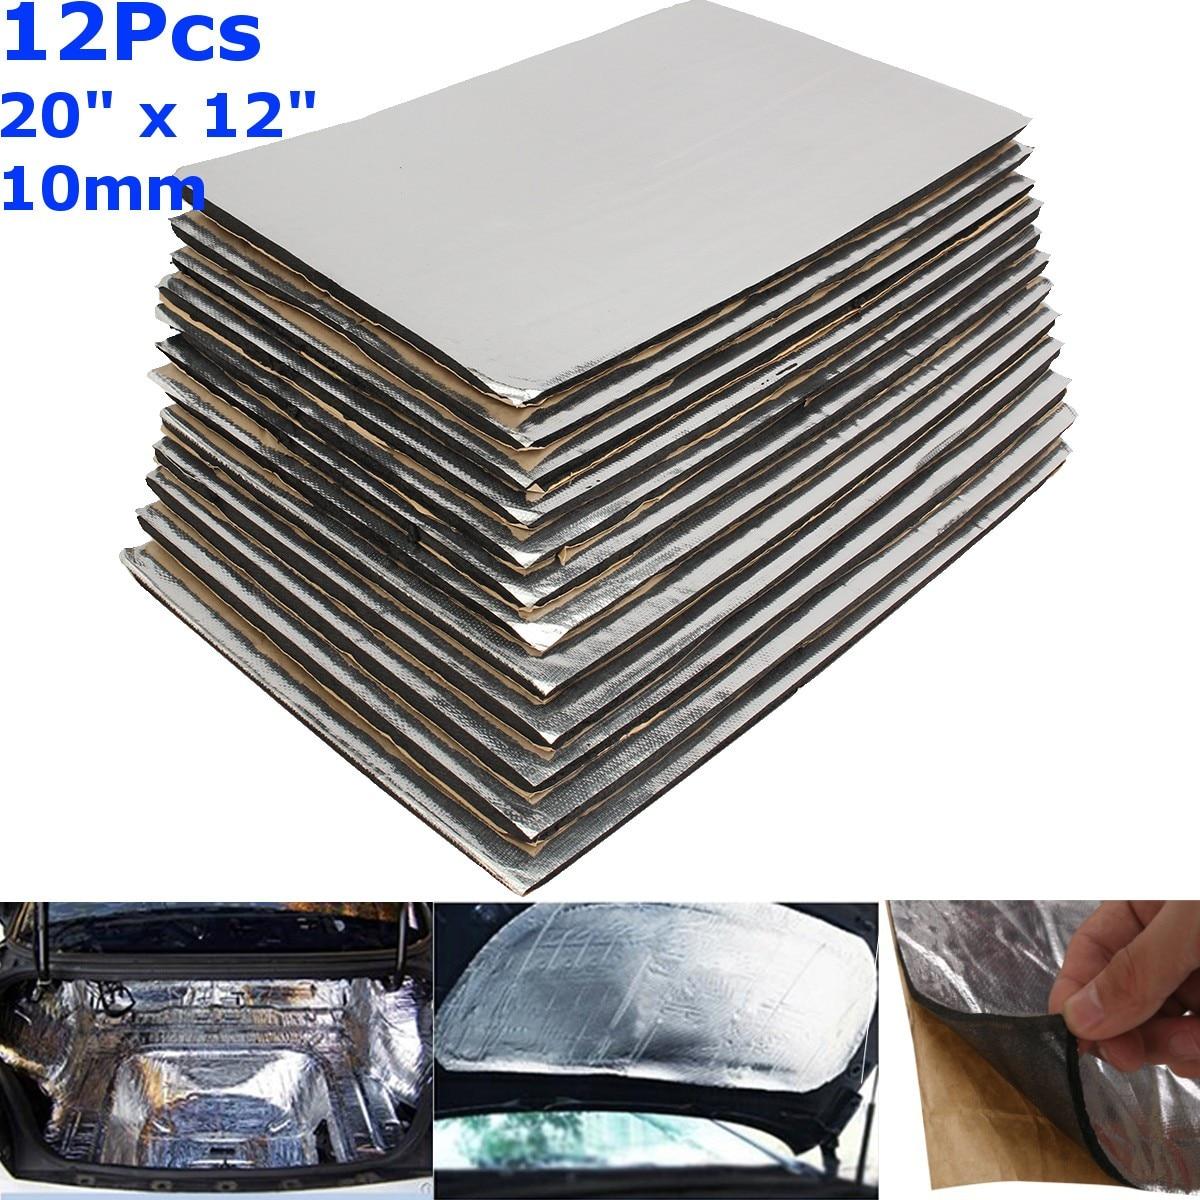 9 шт./12 шт., автомобильный звукоизоляционный коврик, 10/8/6/3 мм, 50x30 см